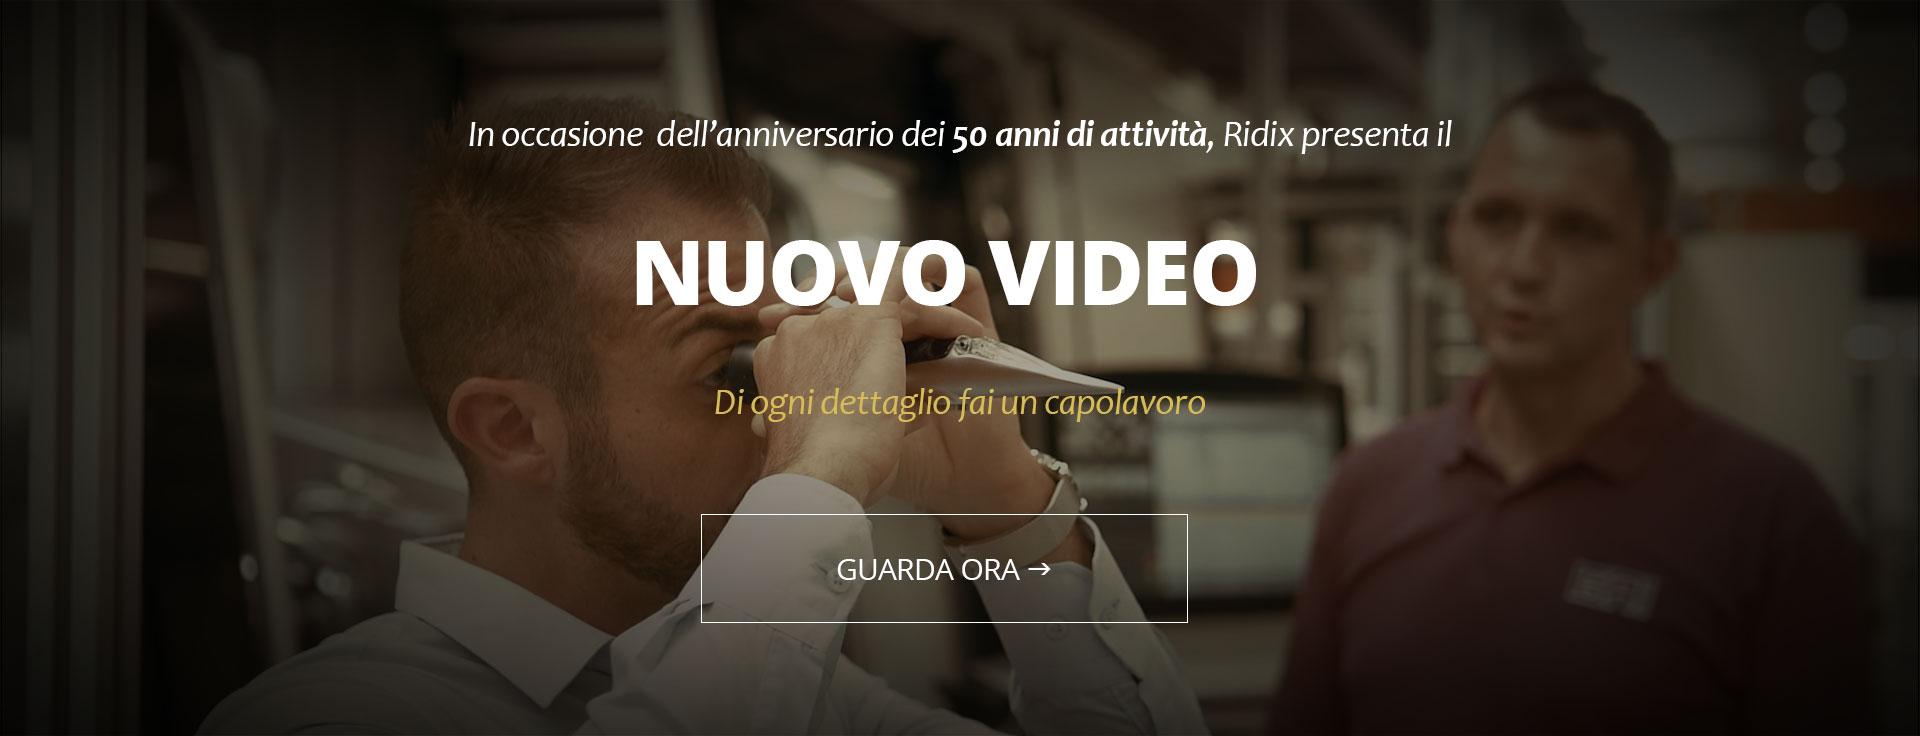 Ridix-Video-ufficiale